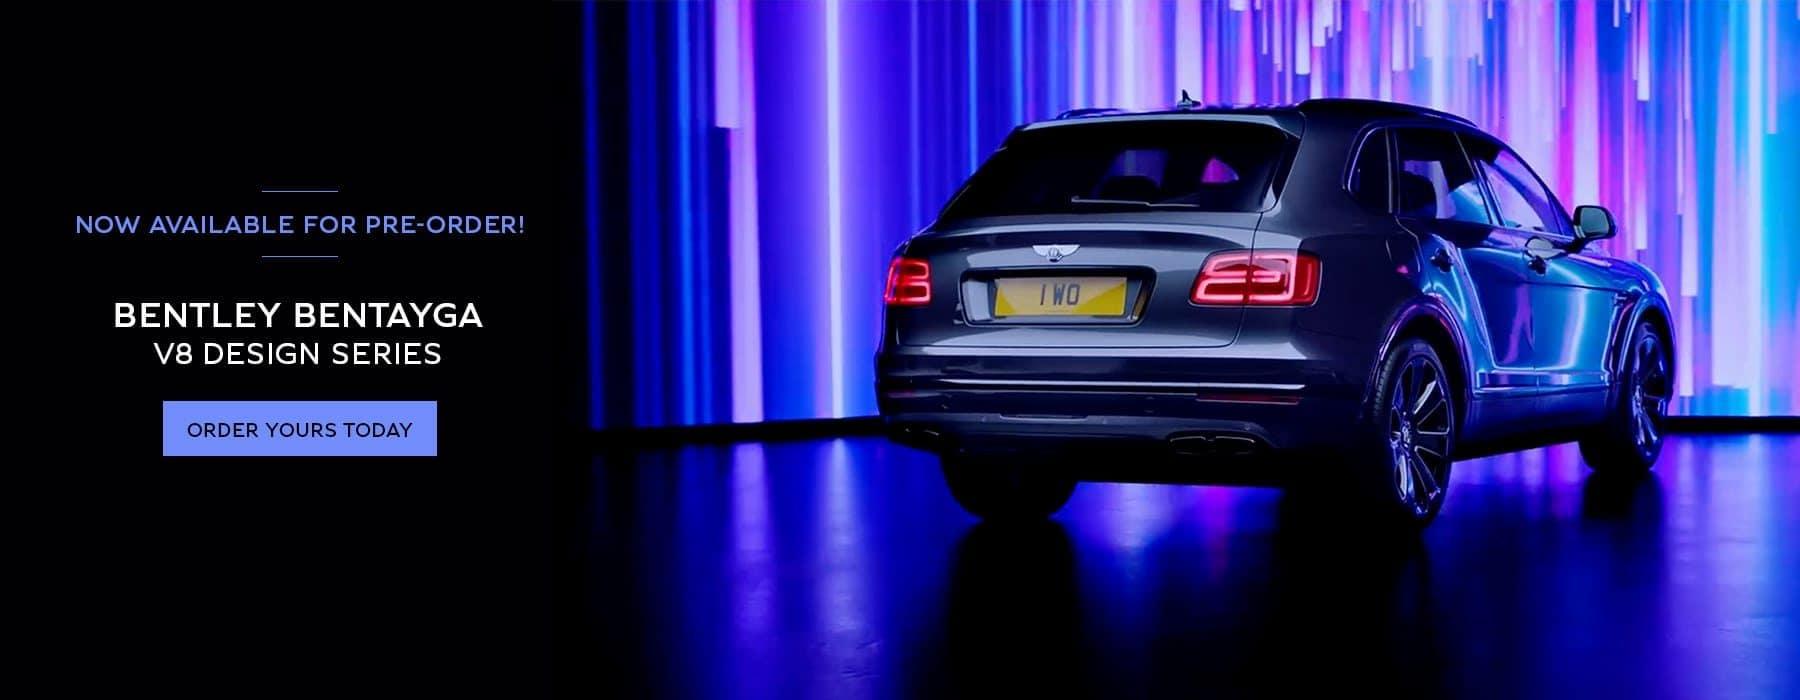 Back angle of the Bentayga V8 Design Series